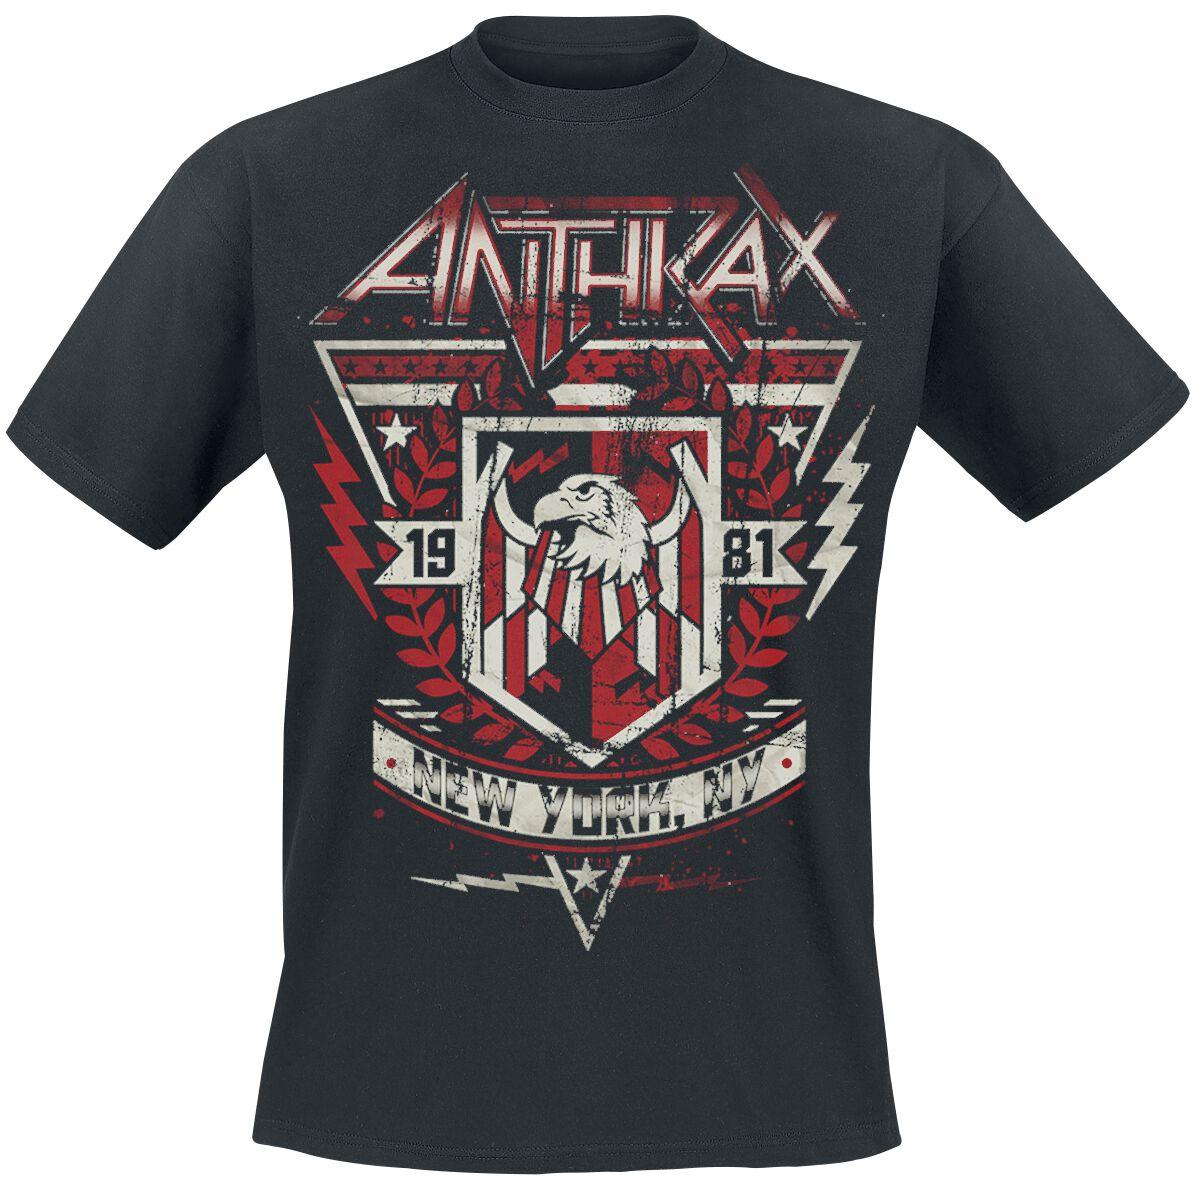 Zespoły - Koszulki - T-Shirt Anthrax '81 Crest T-Shirt czarny - 366335